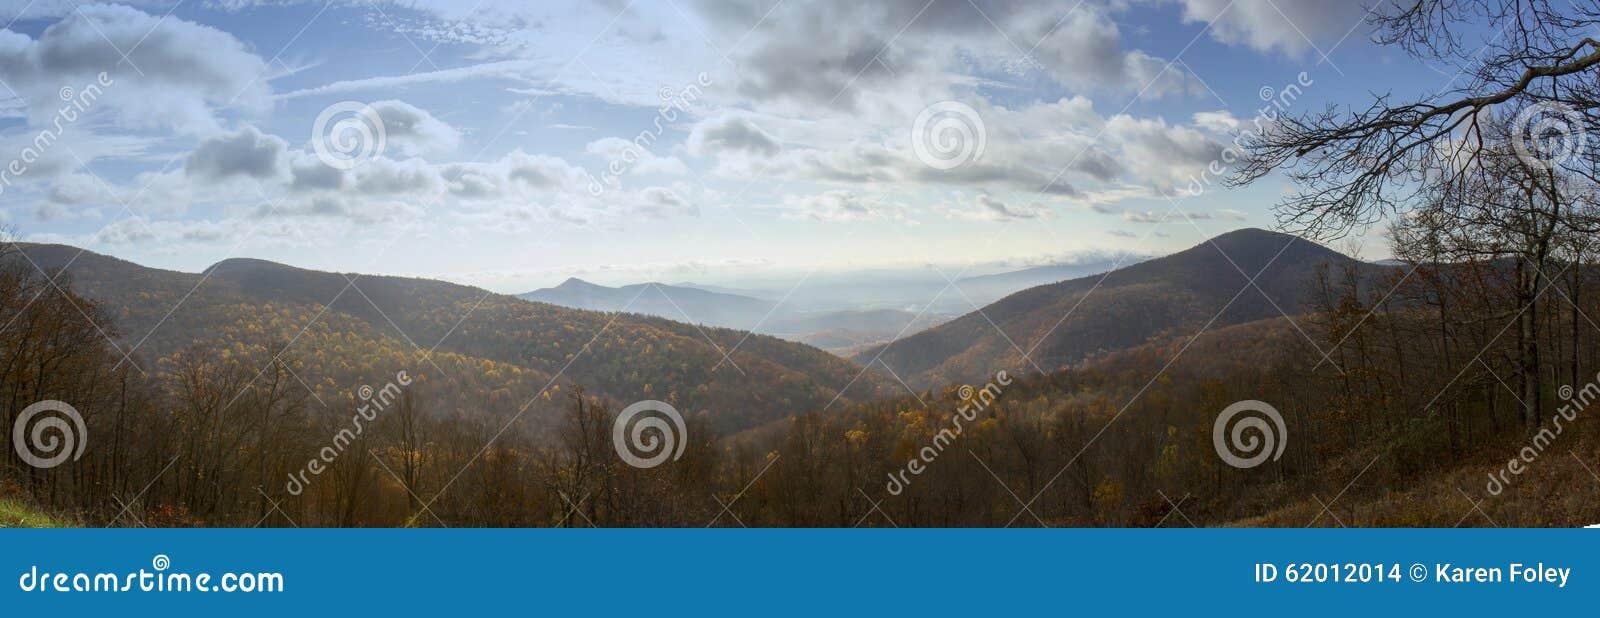 Mgła nad Shenandoah doliną